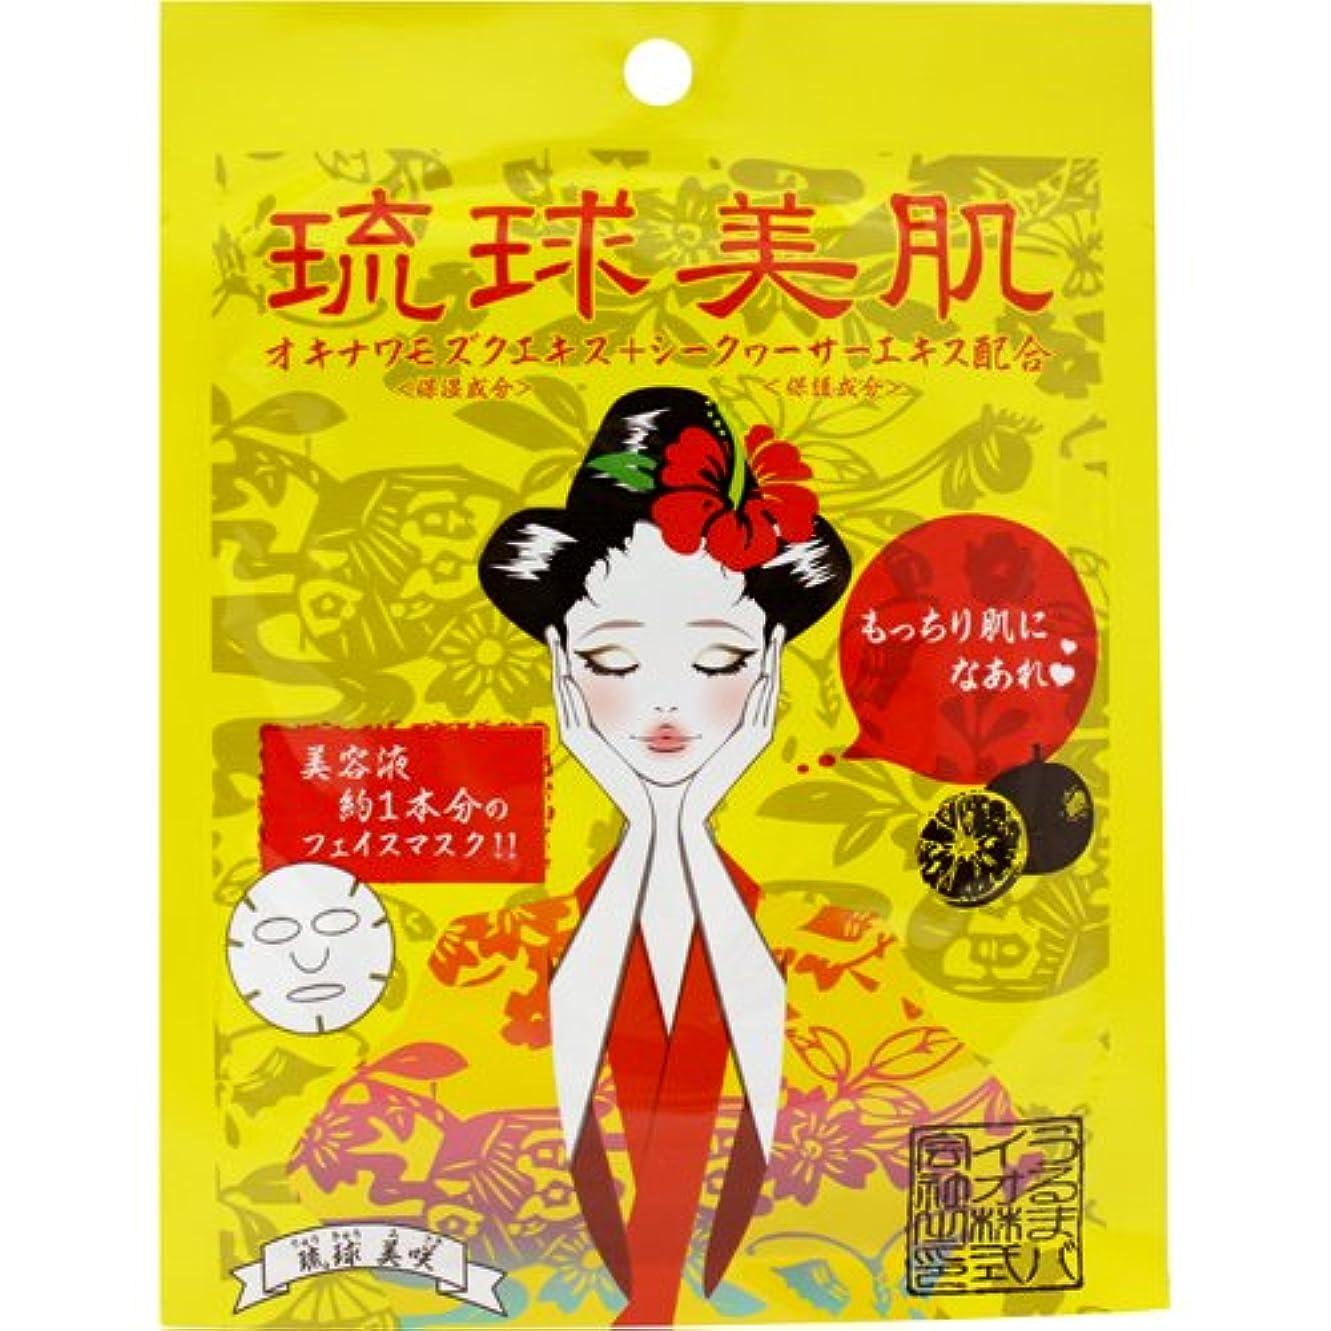 ソブリケット乳かび臭い琉球美肌フェイスマスクシート黄 (シークァーサーの香り)×10パック